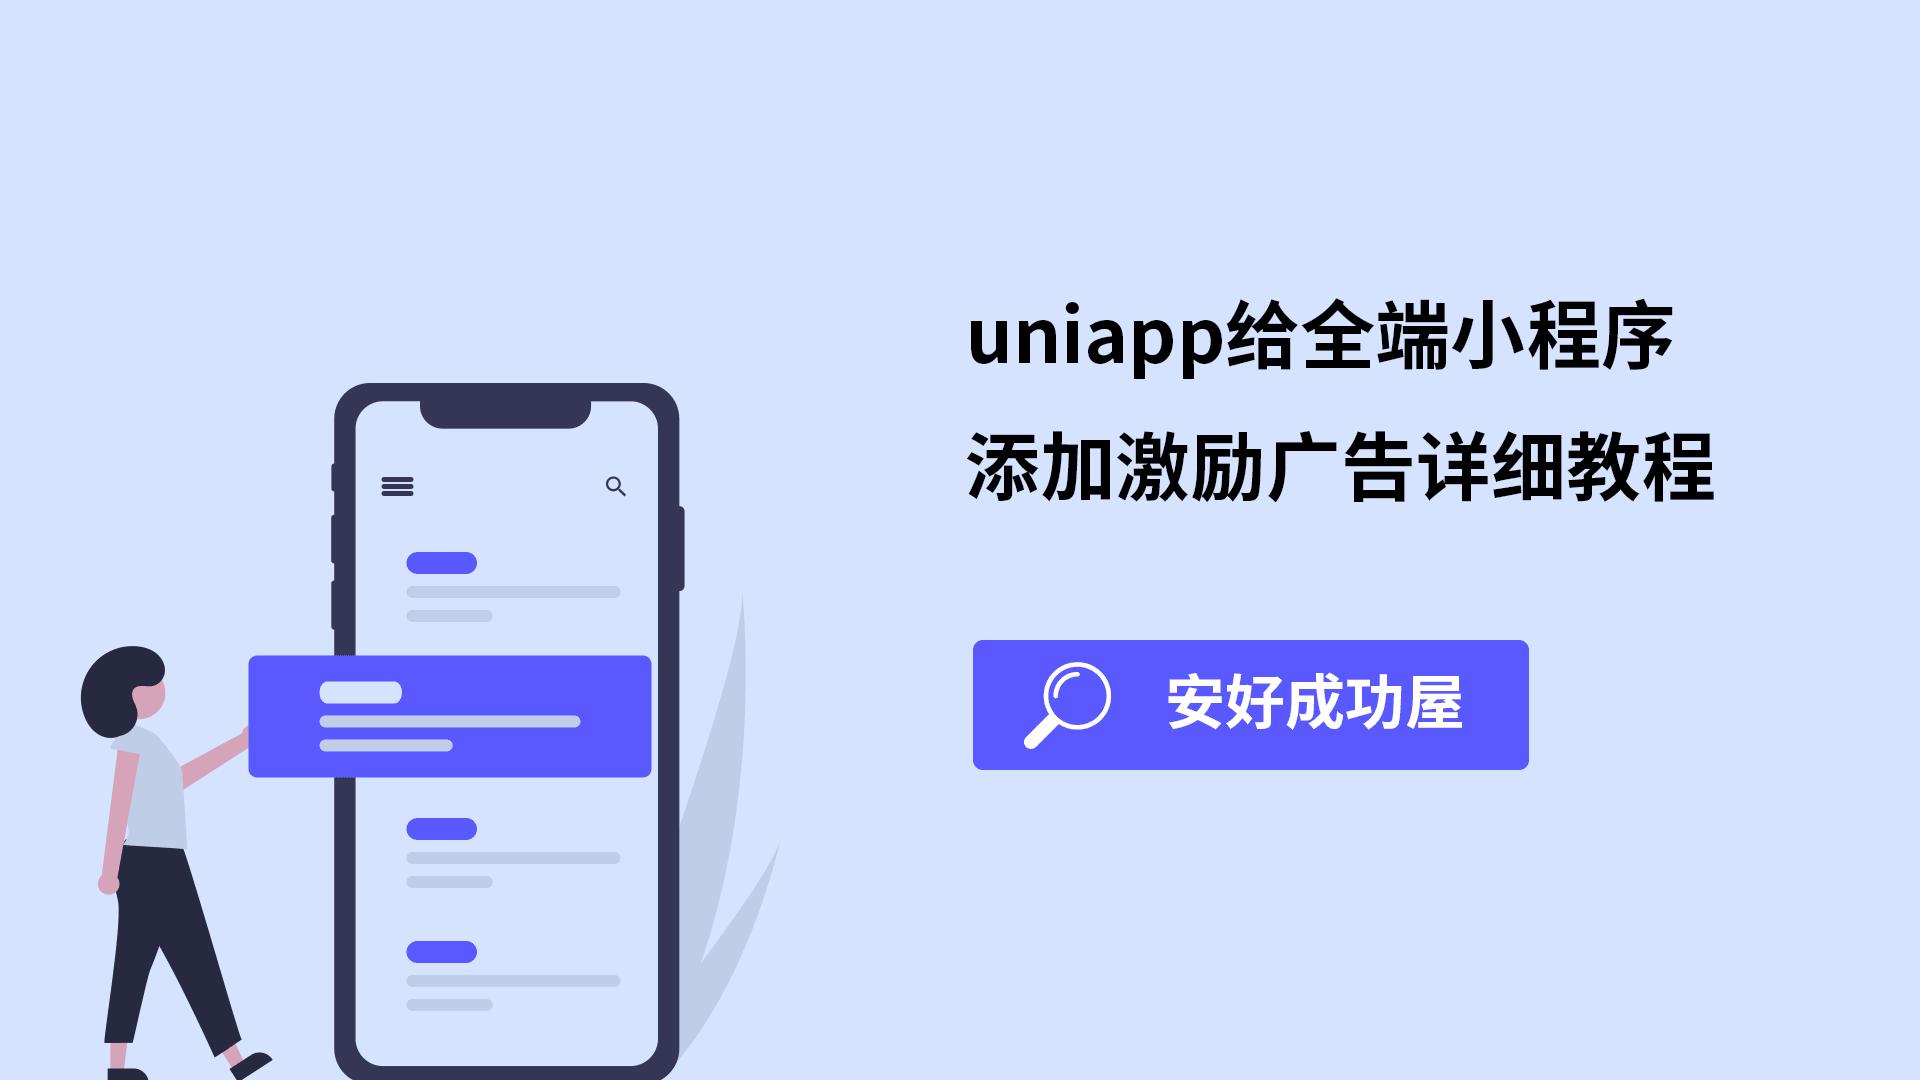 uniapp给全端小程序添加激励广告